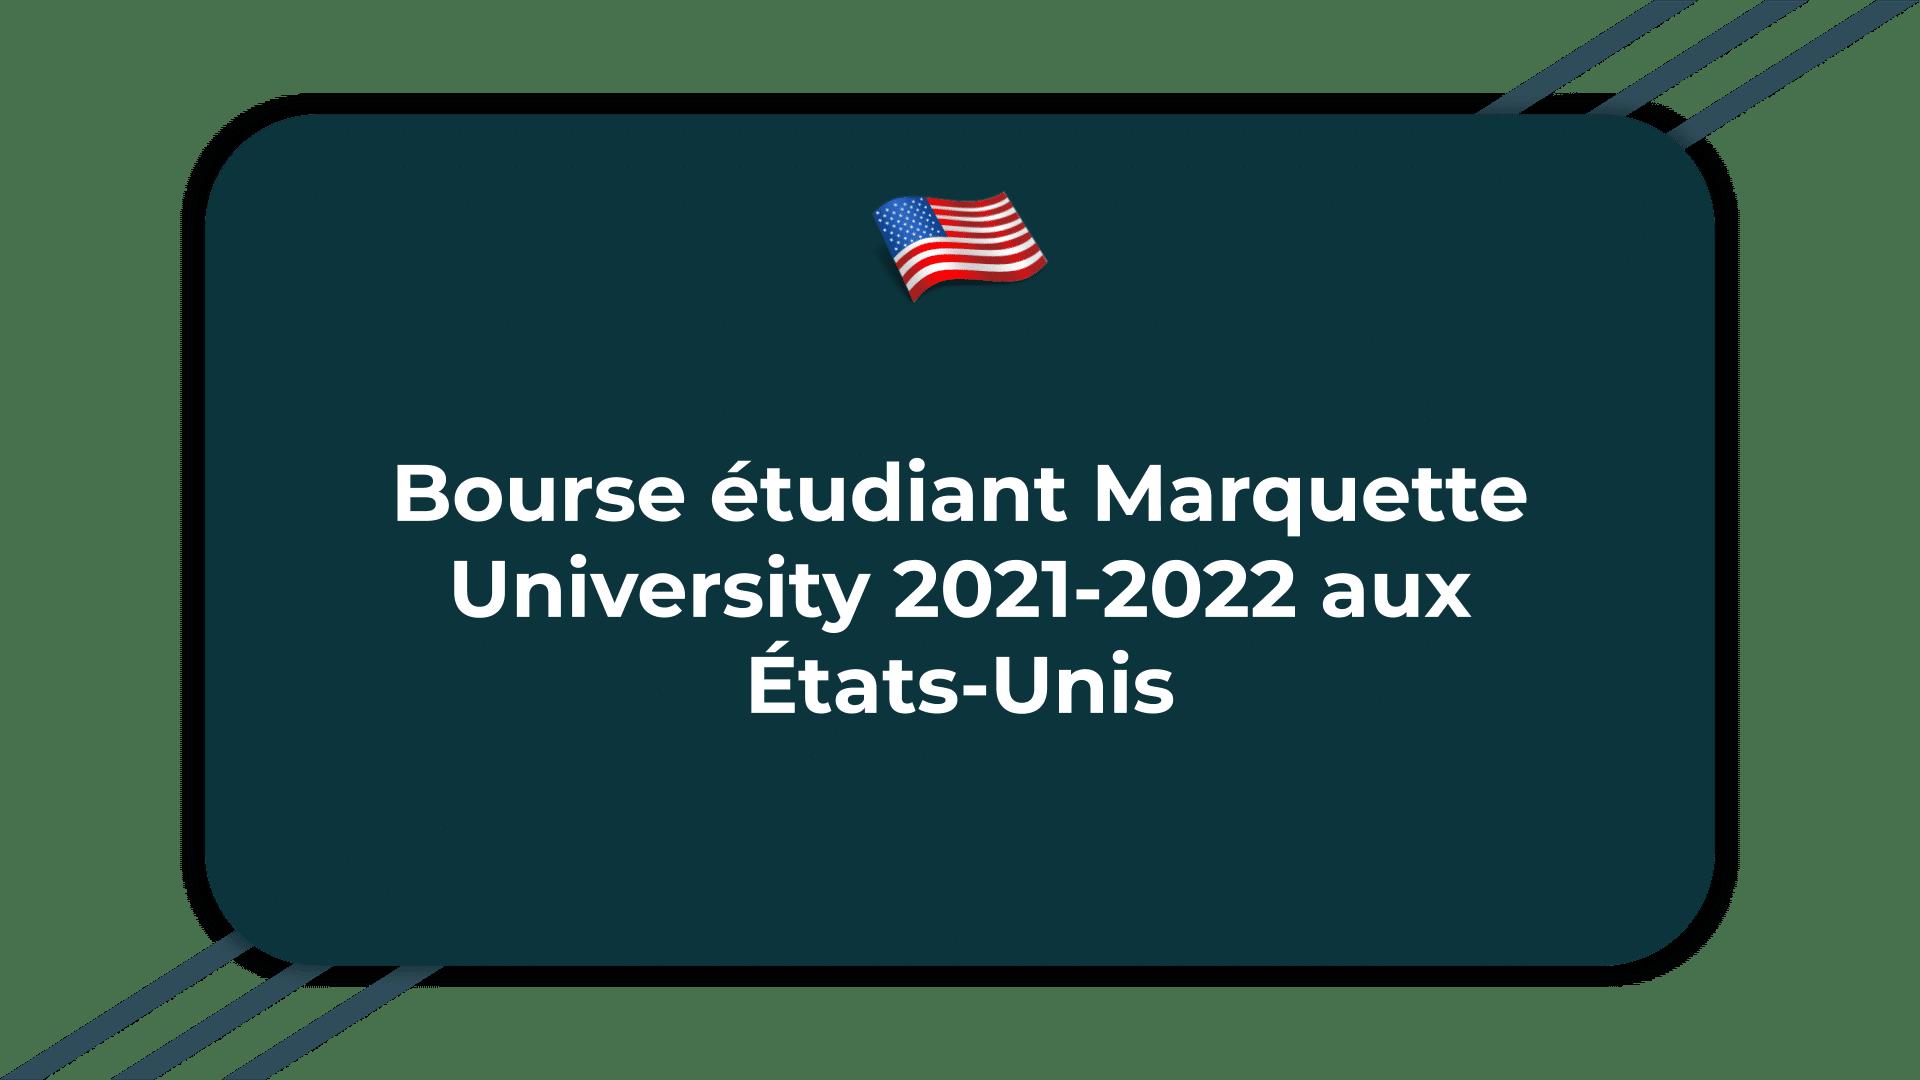 Bourse étudiant Marquette University